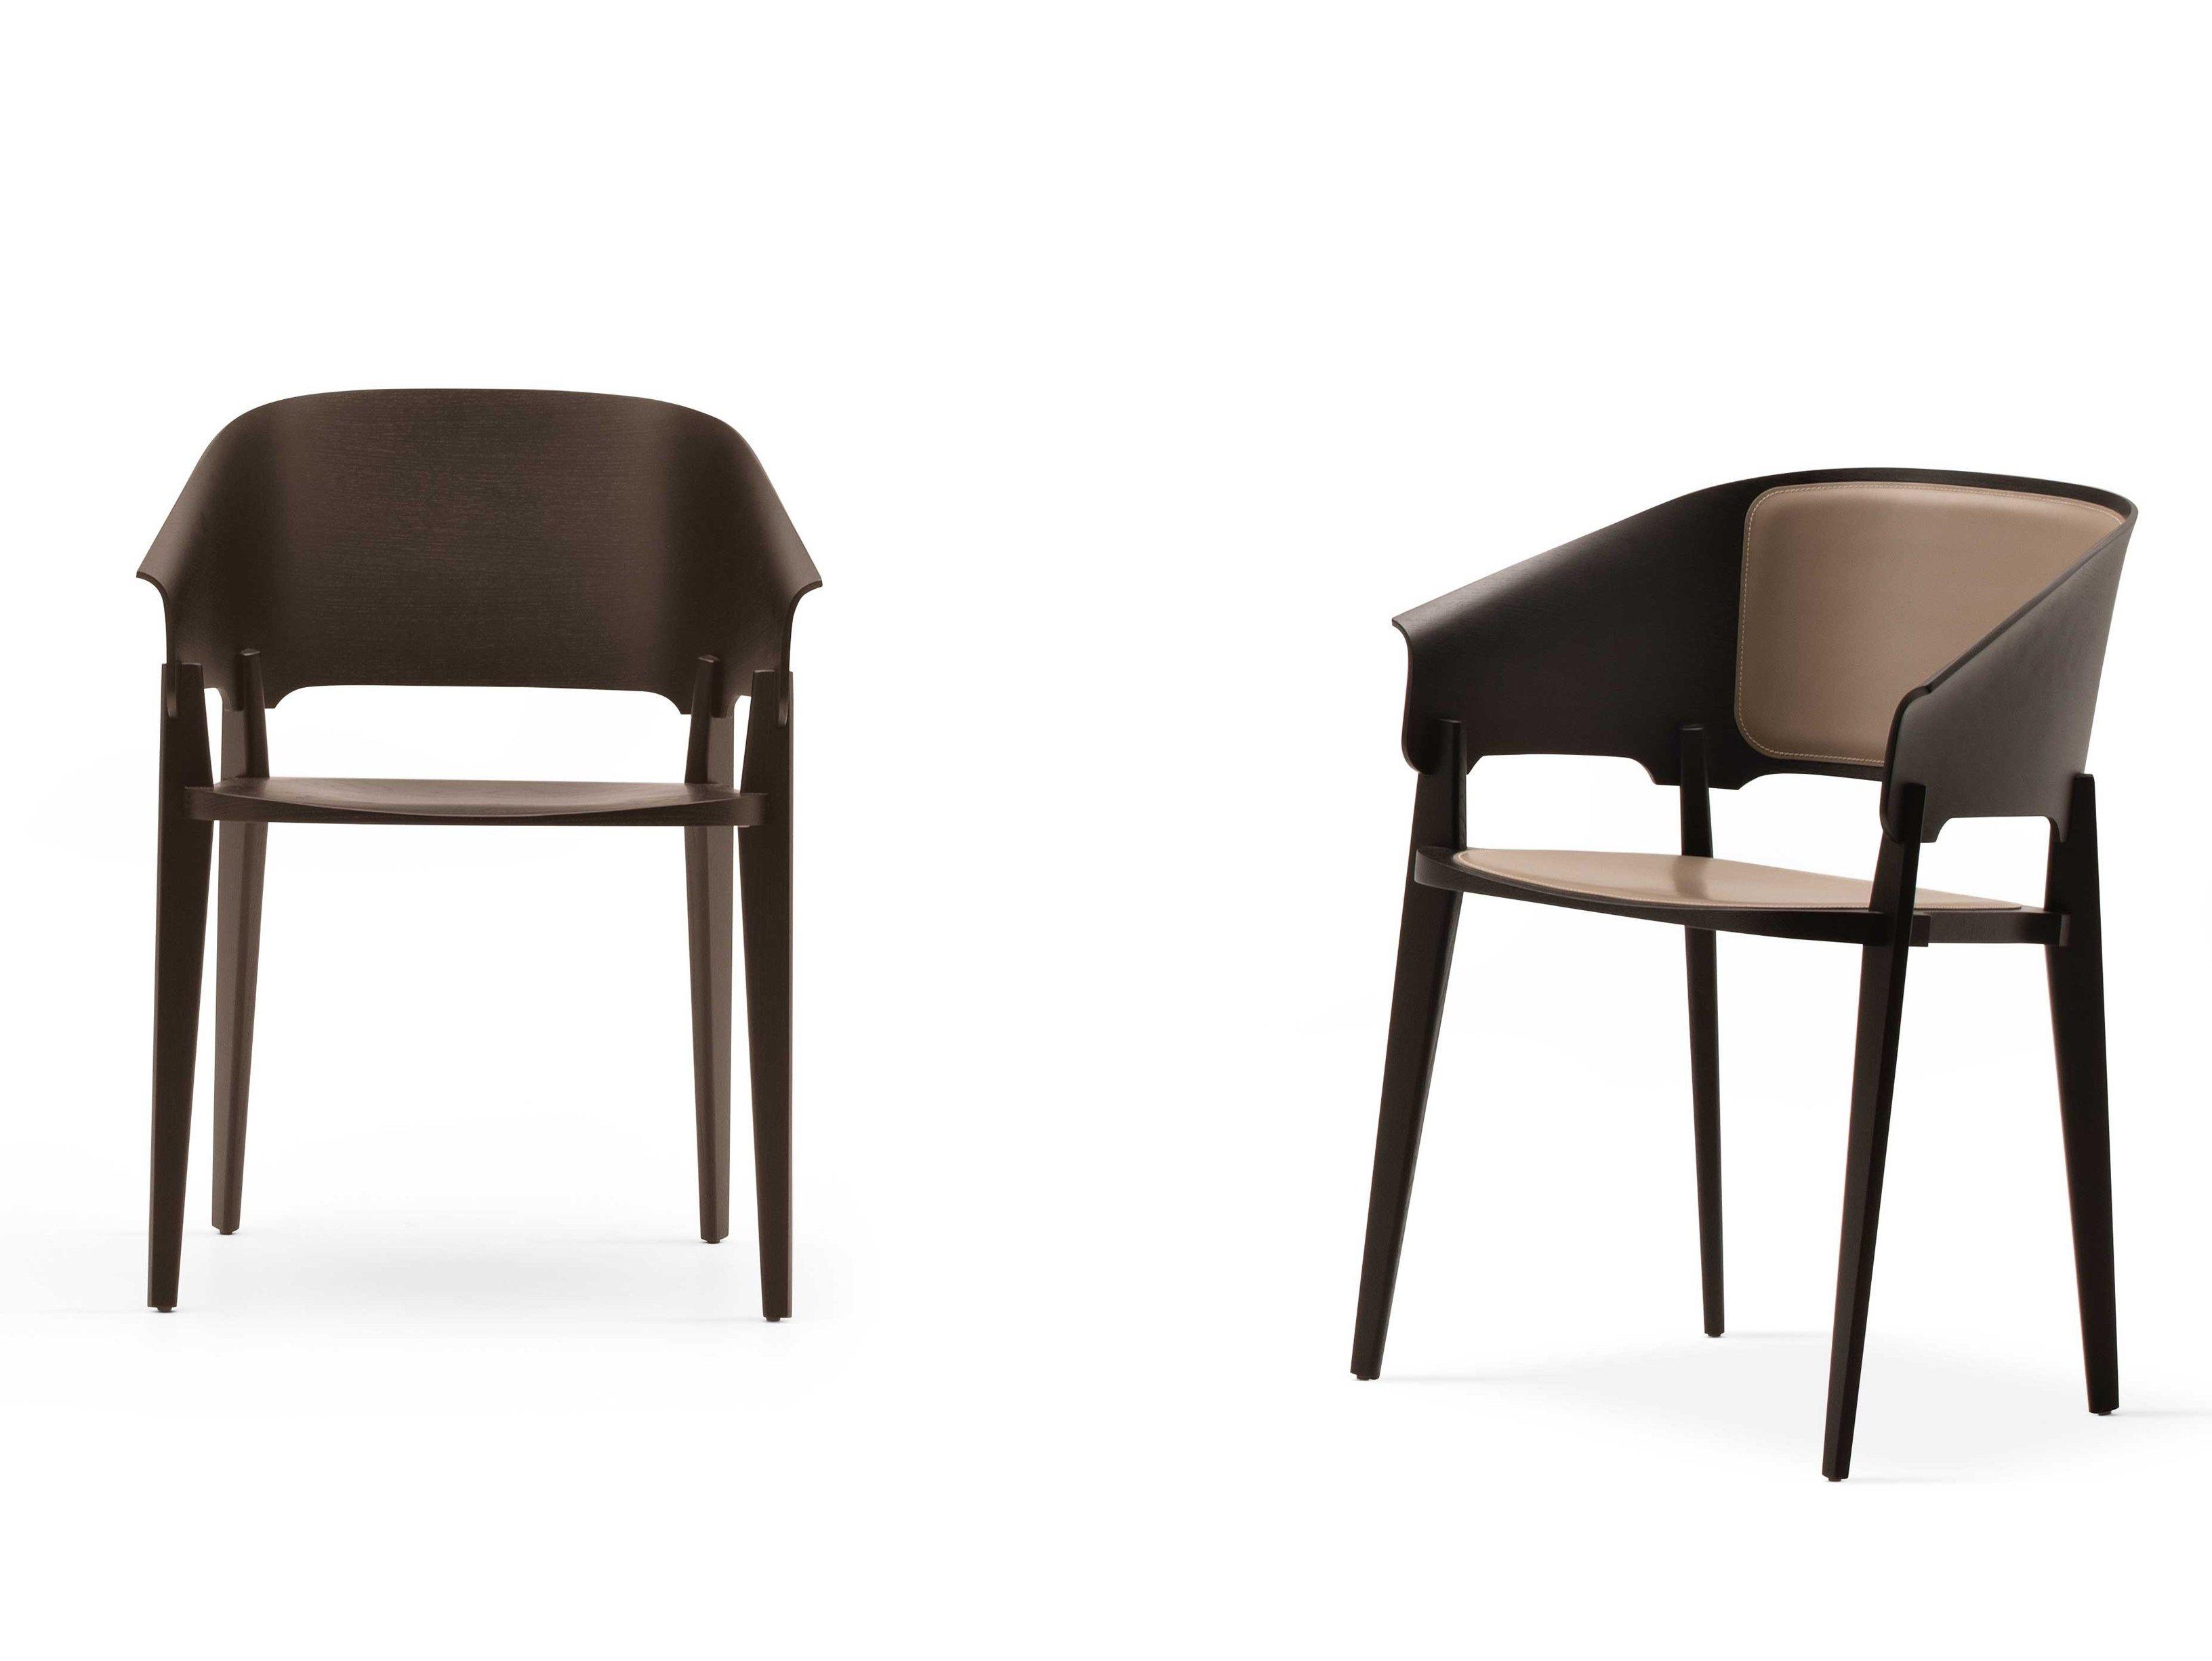 Sedie In Legno Con Braccioli : Sedia in legno con braccioli threepiece by busnelli design